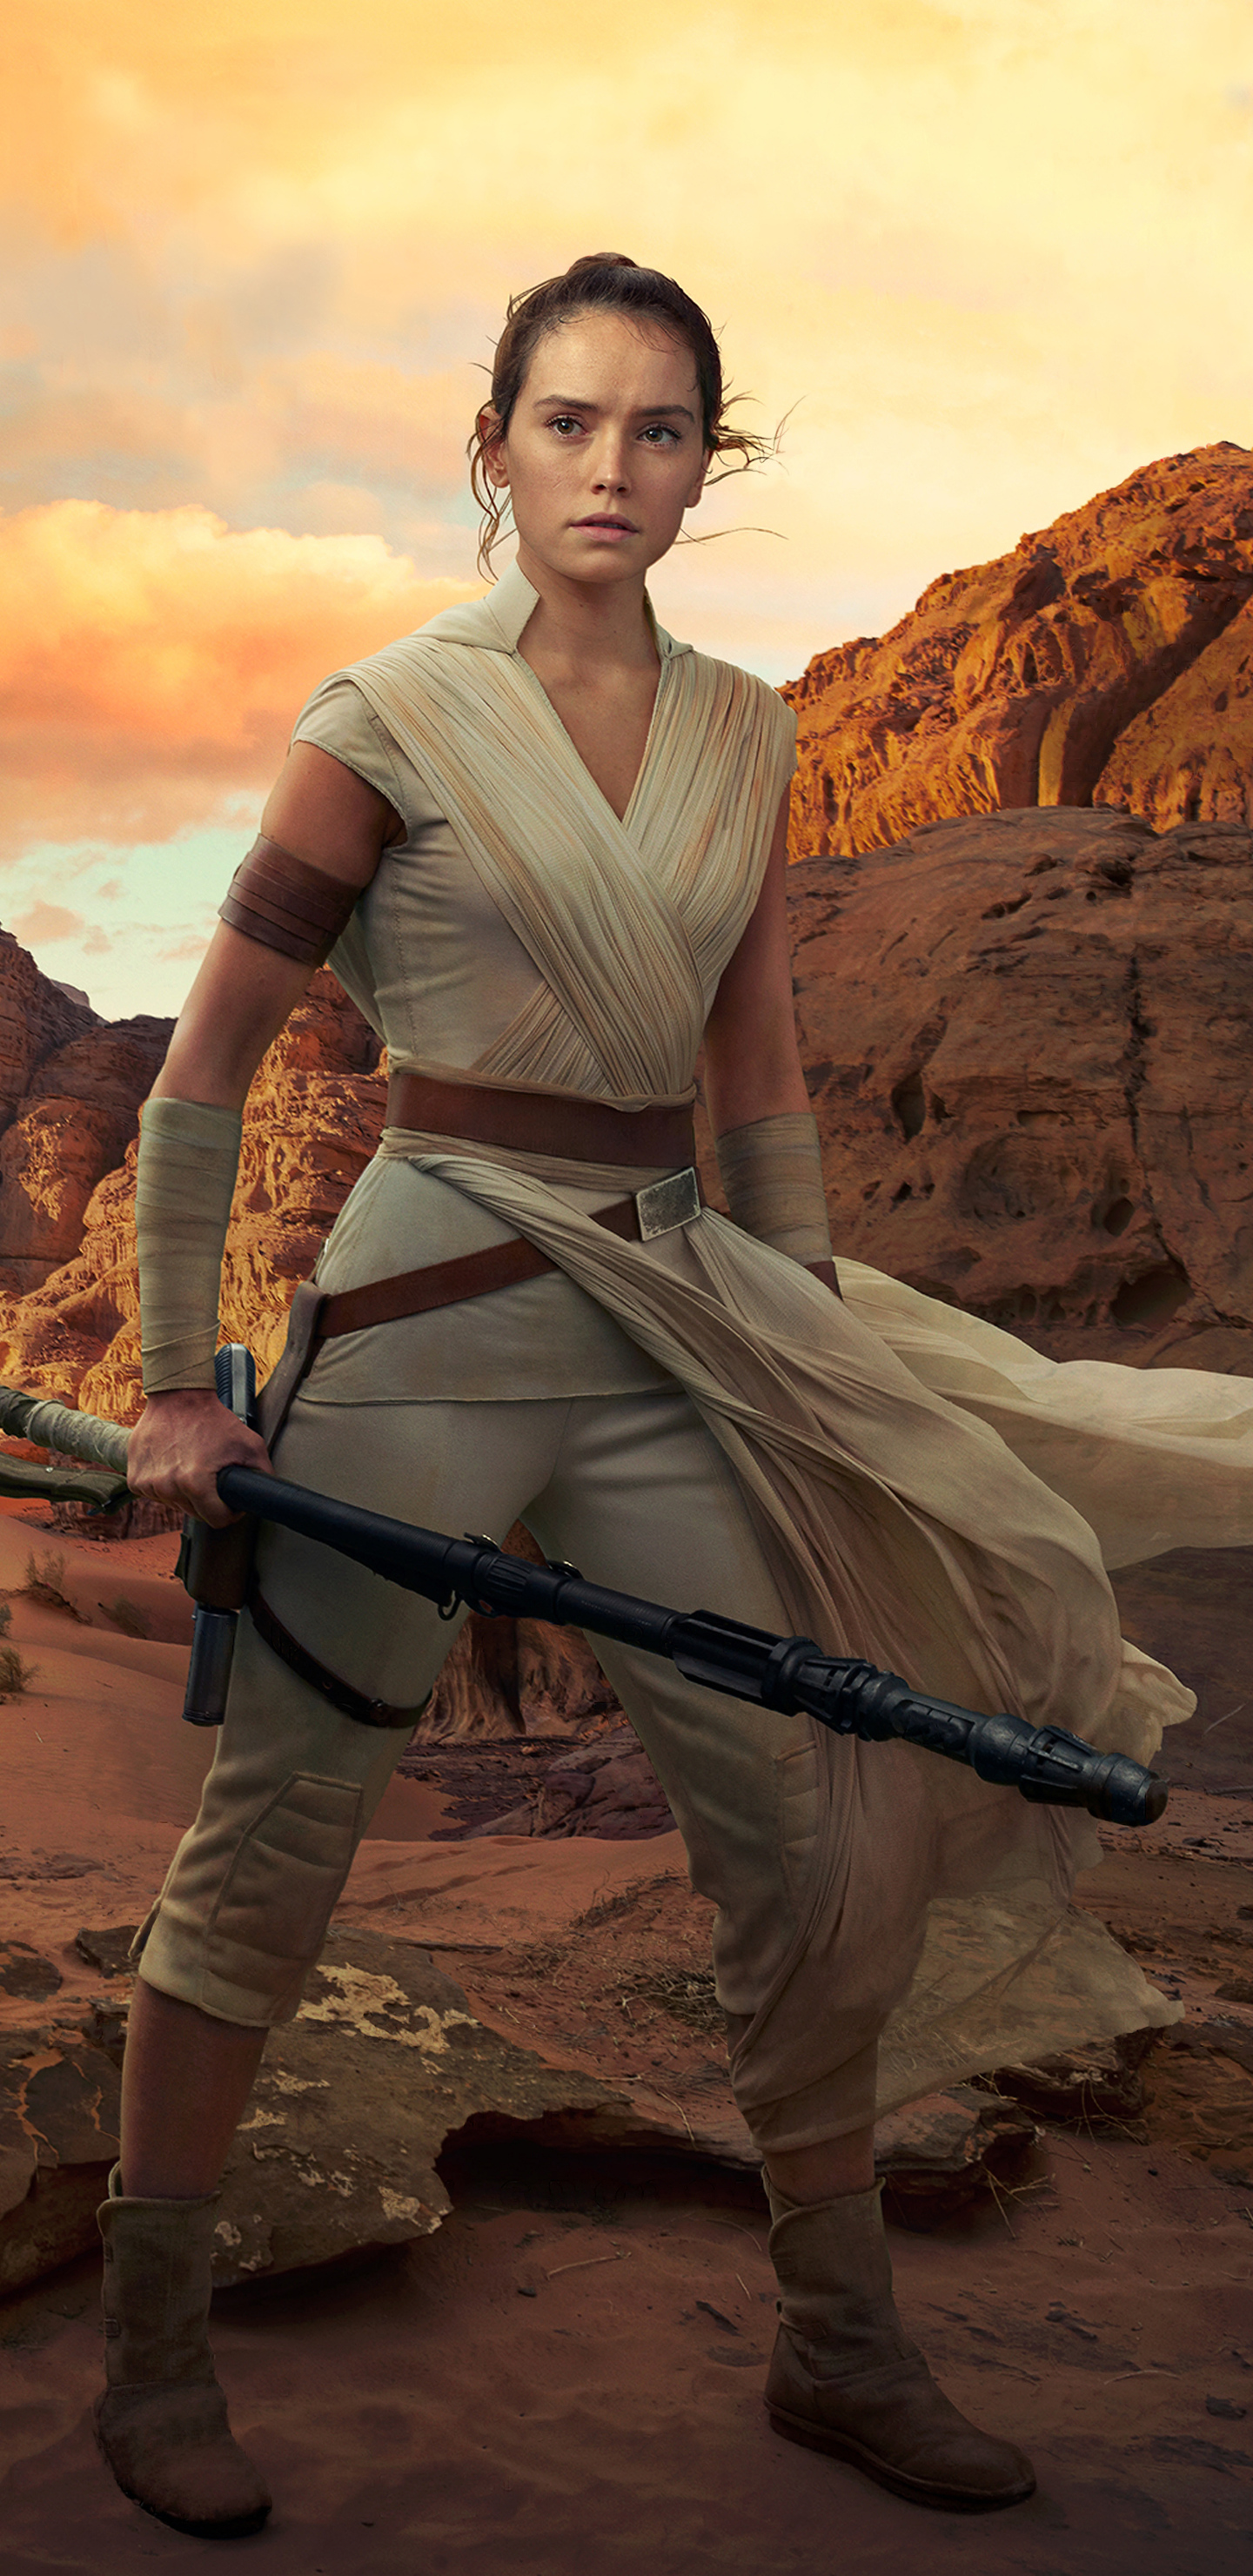 rey-star-wars-the-rise-of-skywalker-2019-4k-49.jpg